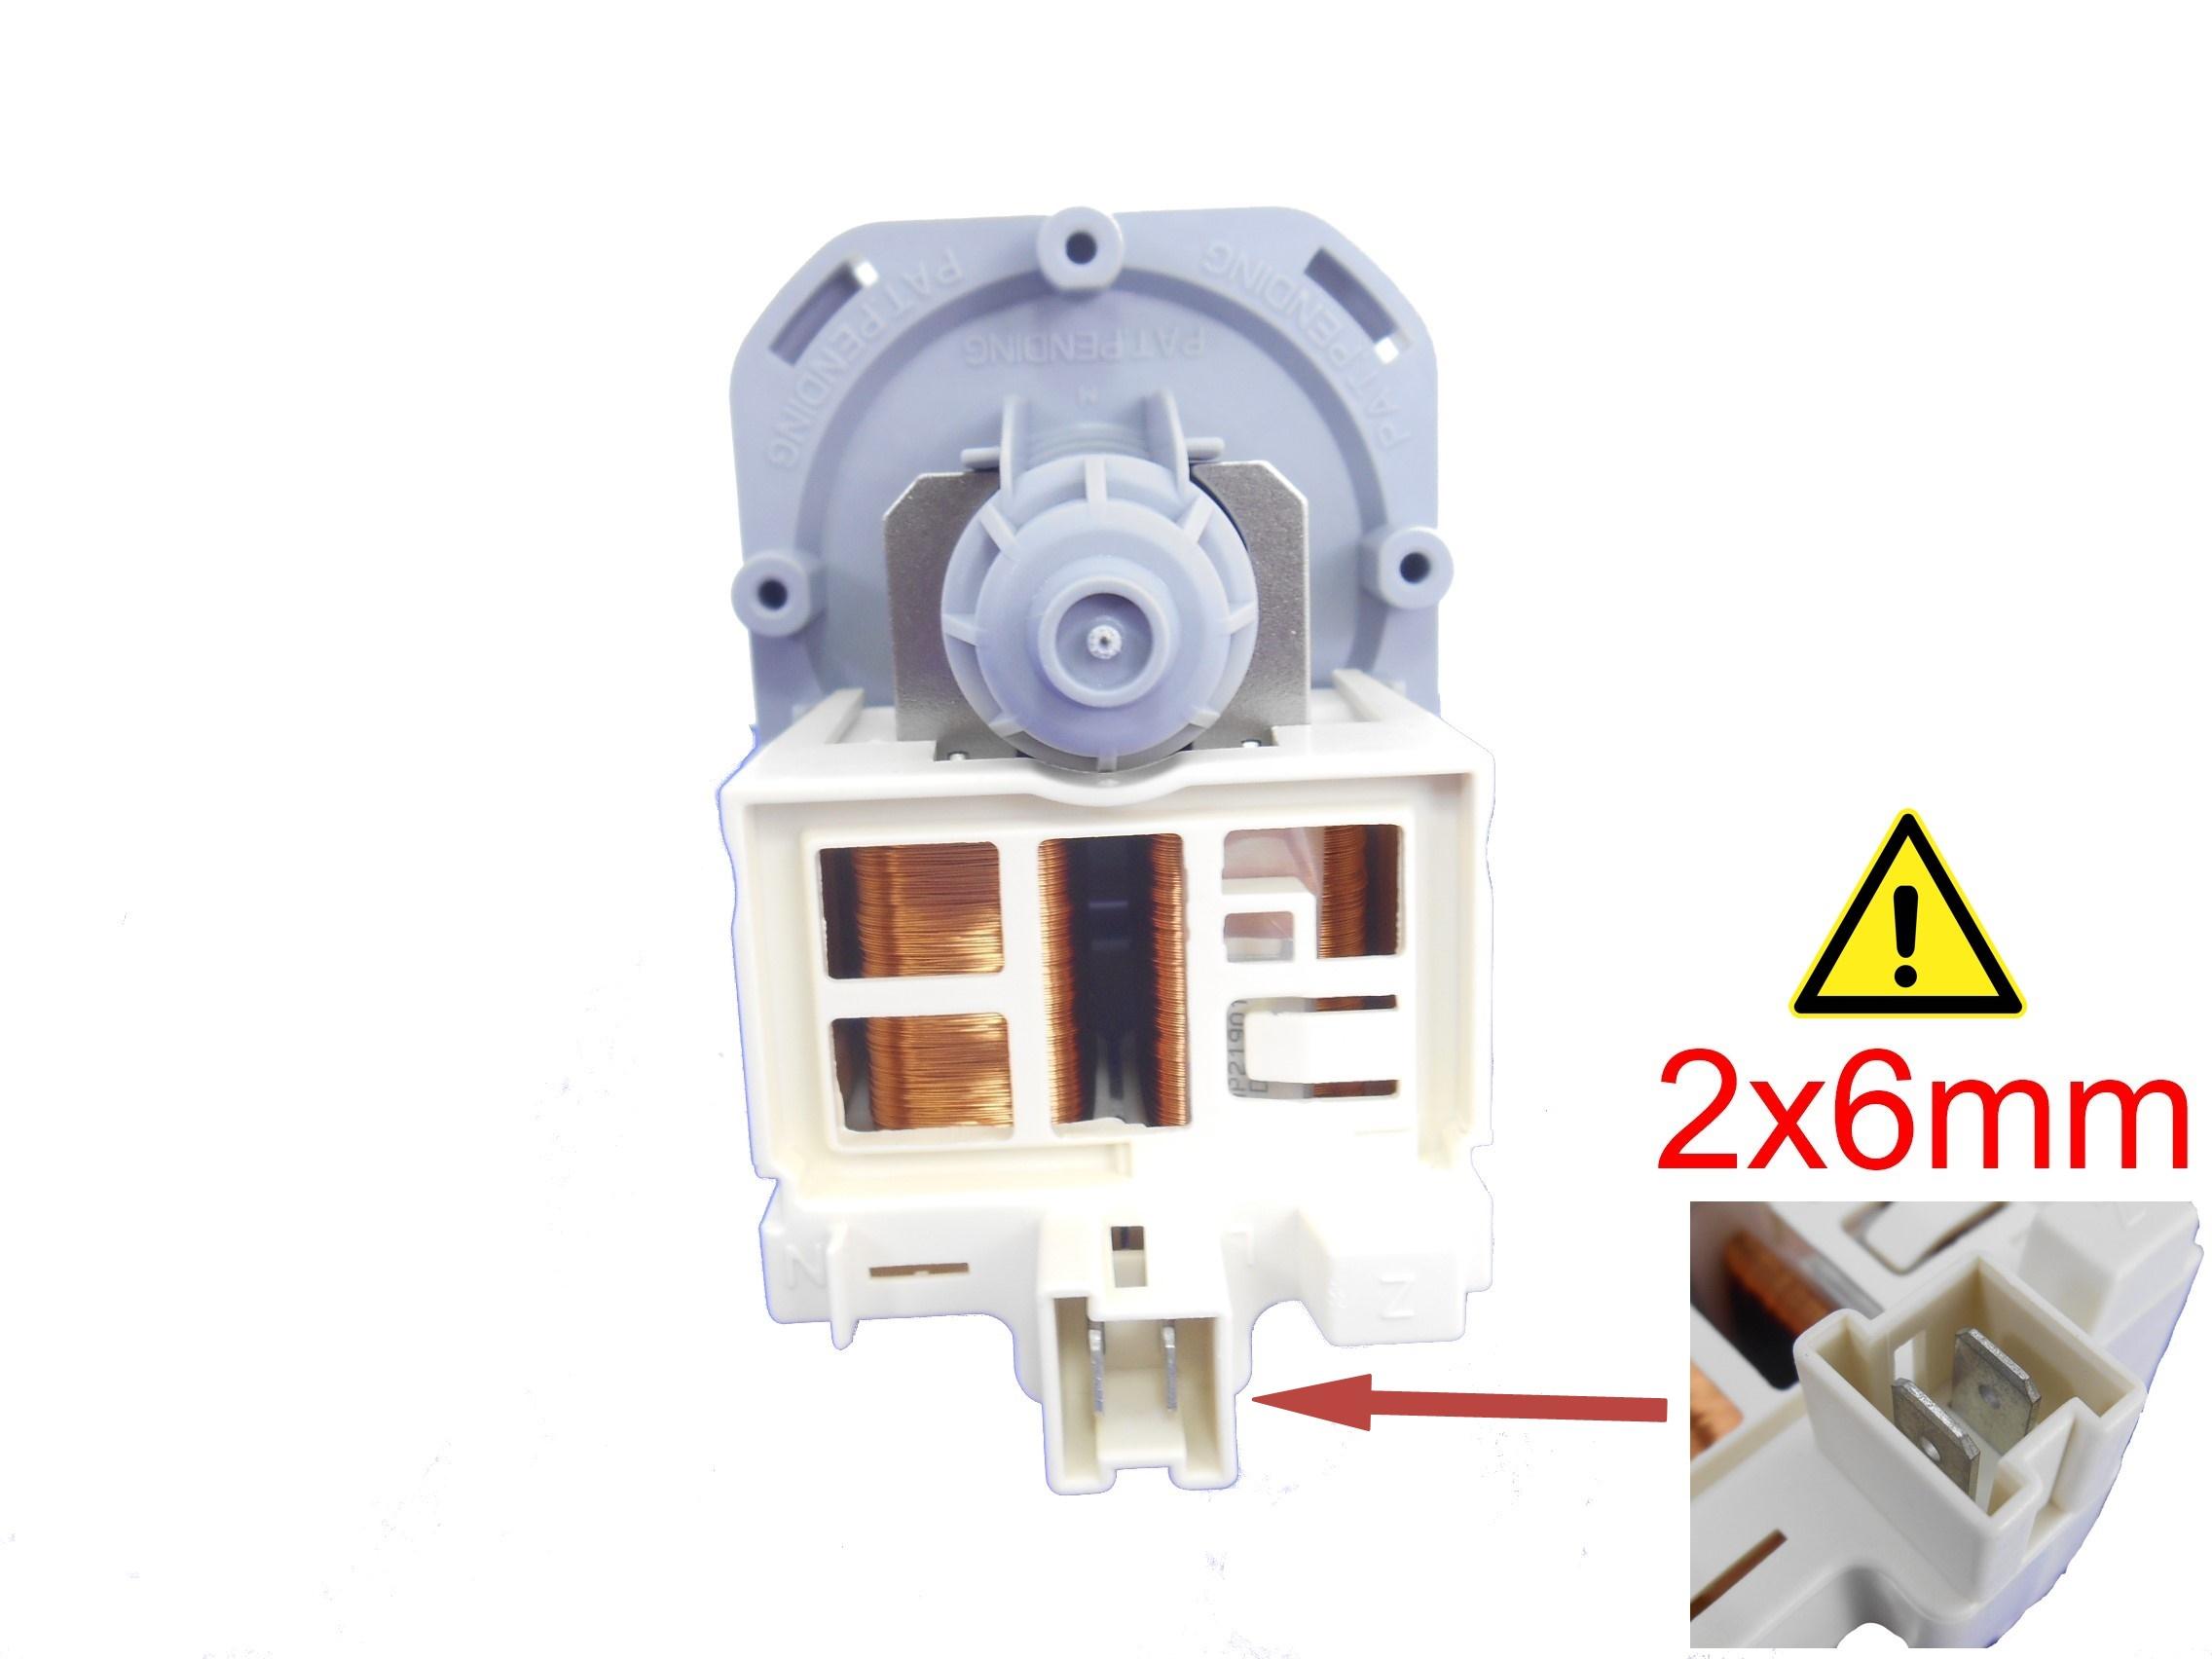 Na obrázku nad tímto textem vidíte konektory pro připojení kabelů umístěny v plastové zásuvce na spodní straně motorku. Pokud máte takové konektory, klikněte na obrázek. Pokud máte jiné, pokračujte dále ve výběru možností.